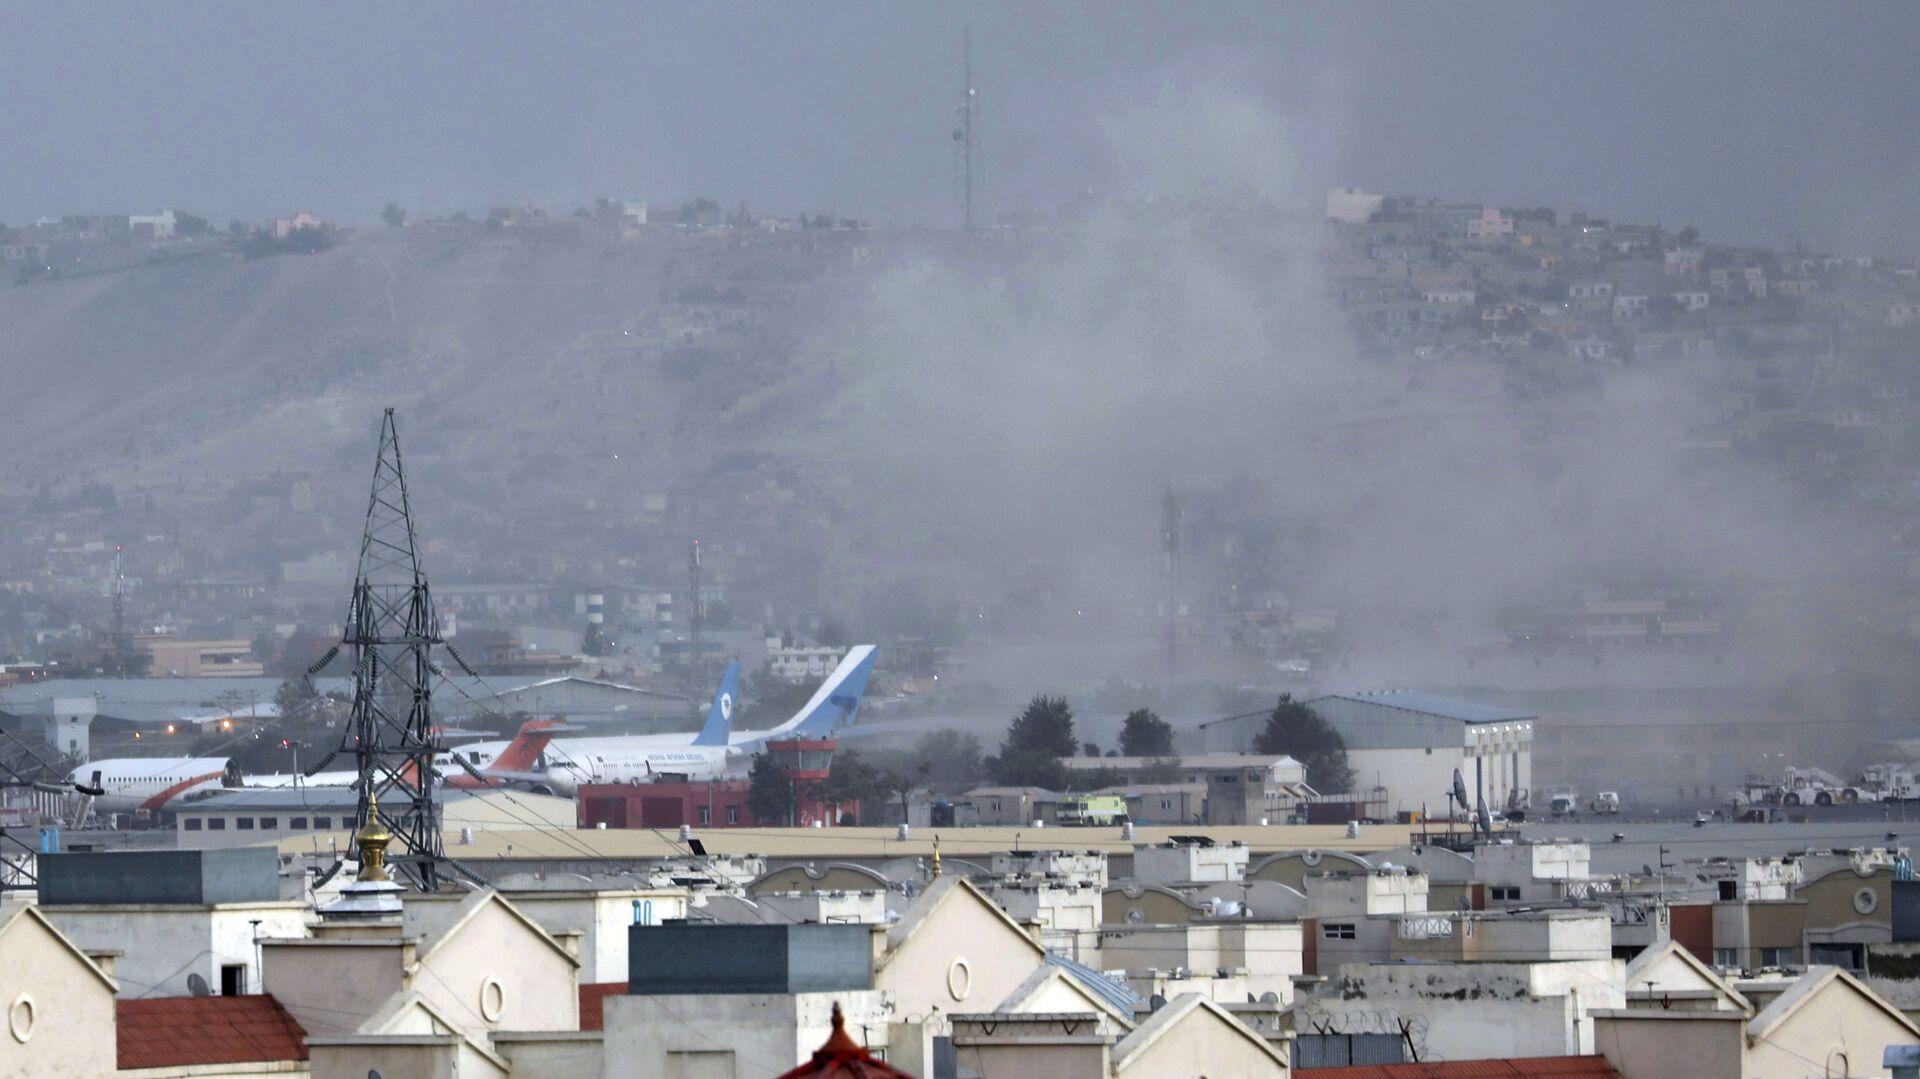 Дым от взрыва возле аэропорта в Кабуле, Афганистан - Sputnik Тоҷикистон, 1920, 27.09.2021